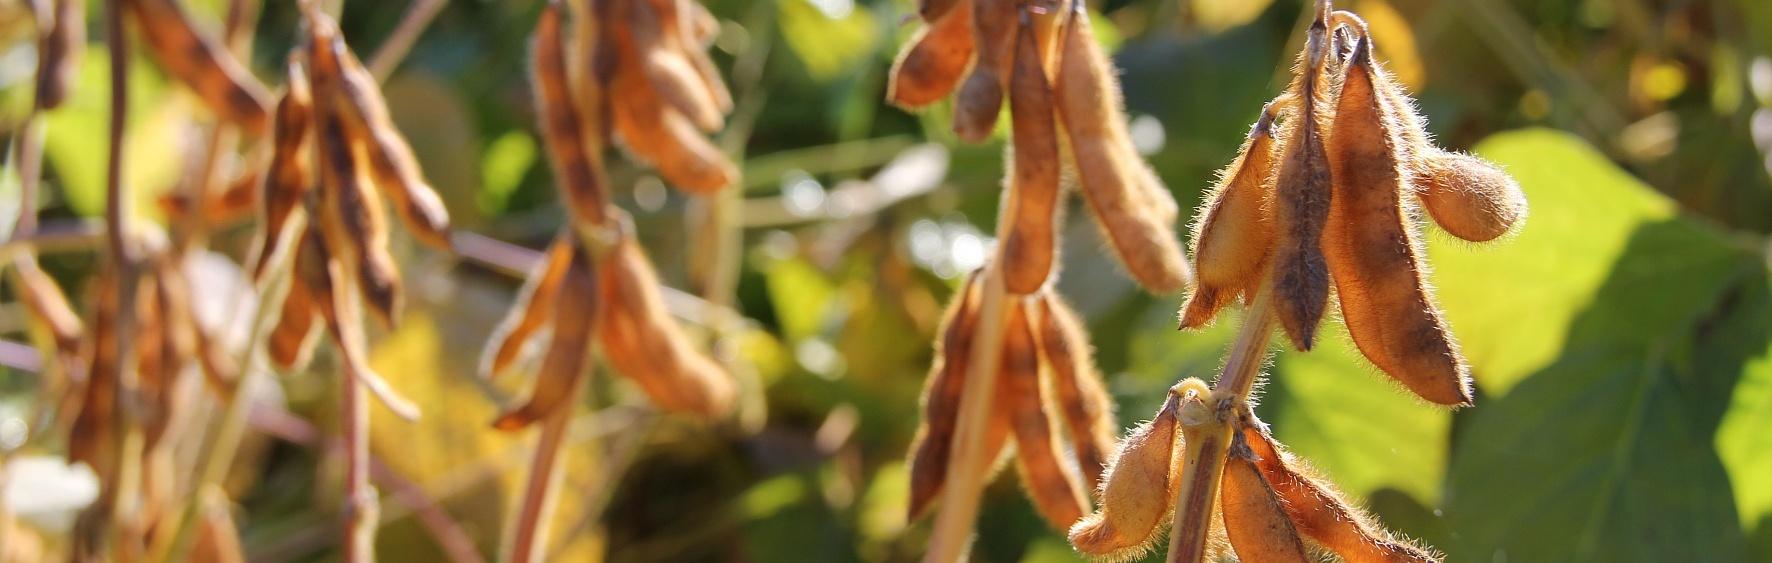 Unsere Öko-Sorten - Sojabohnen